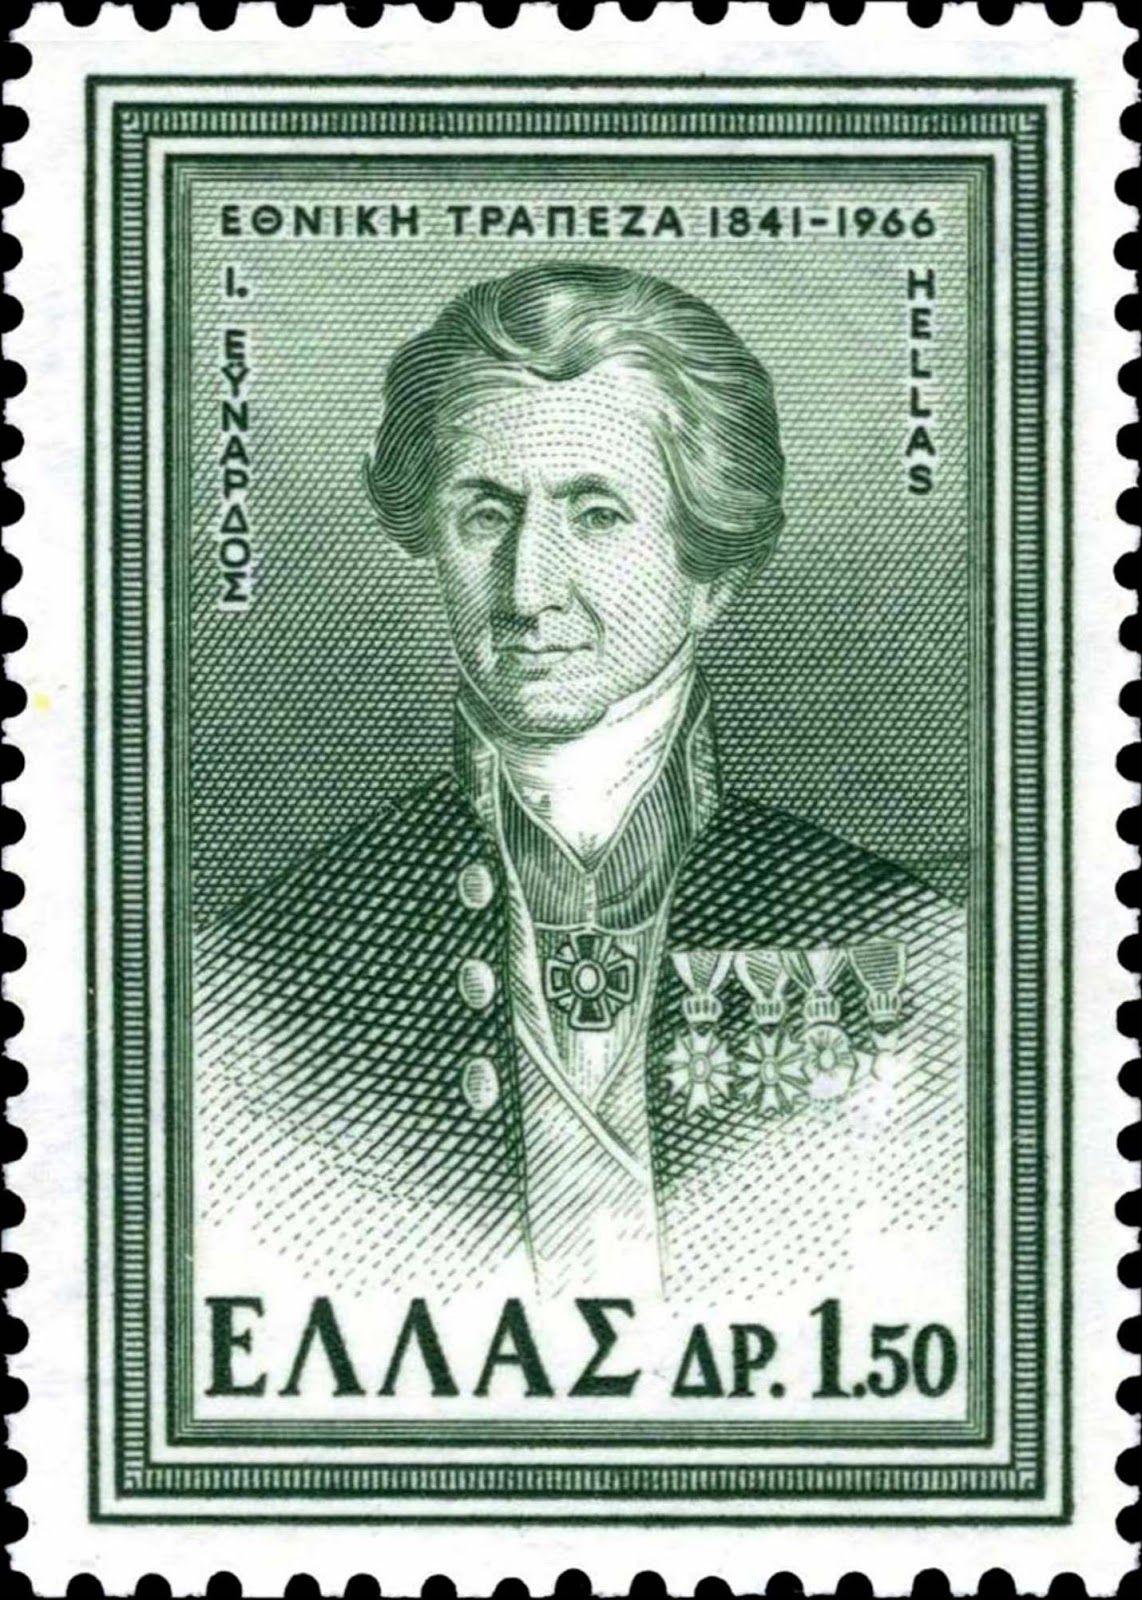 Ιωάννης-Γαβριήλ Εϋνάρδος (1775-1863) | Γραμματόσημα, Σφραγίδες, Ελλάδα